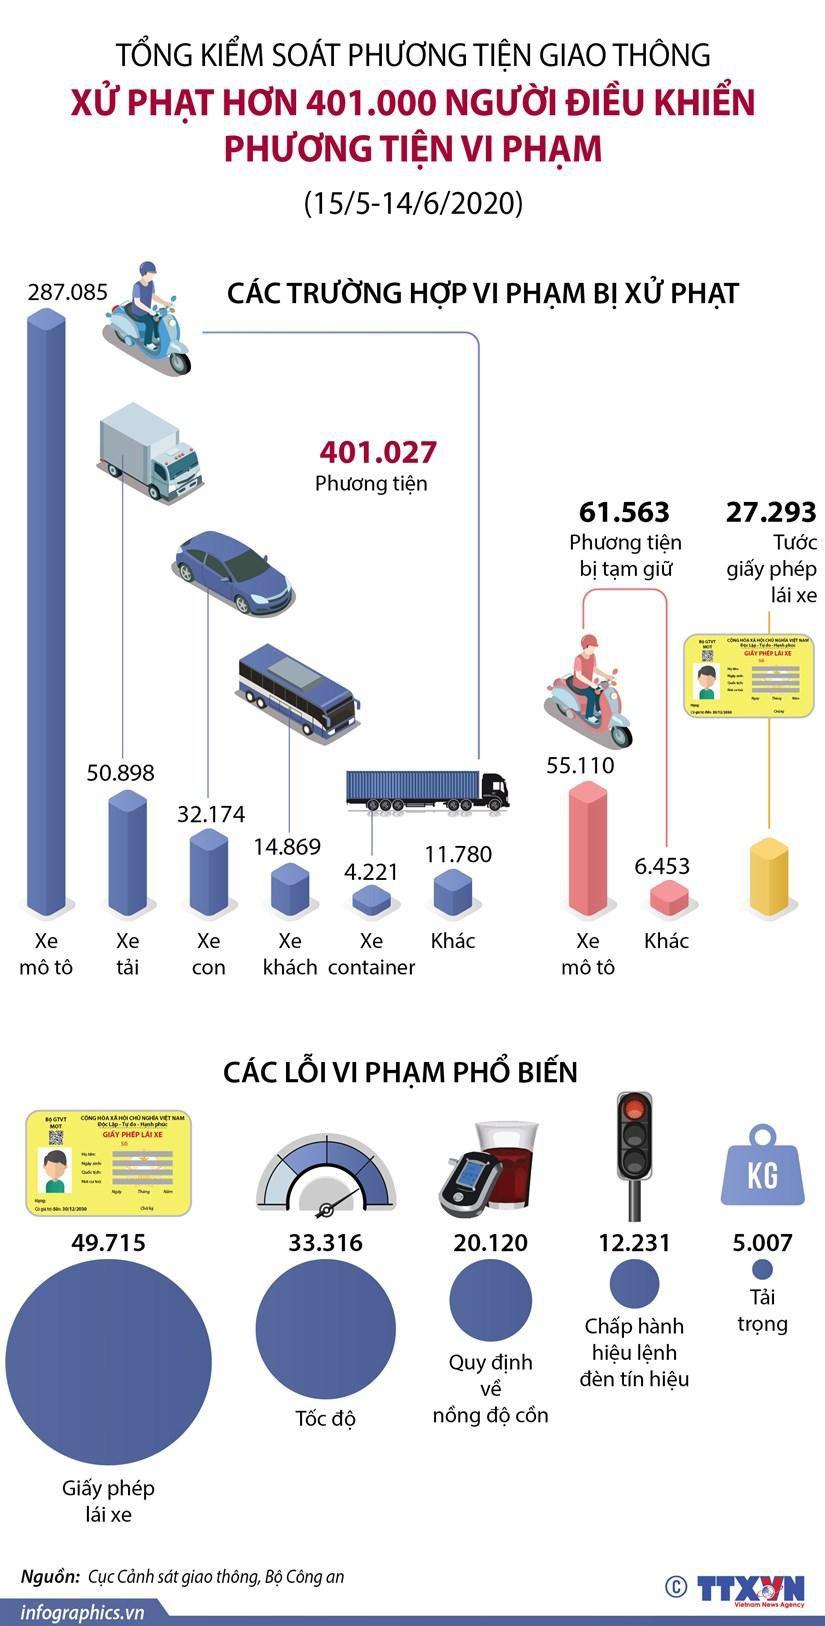 Xử phạt hơn 20.000 người điều khiển xe có nồng độ cồn Ảnh 1